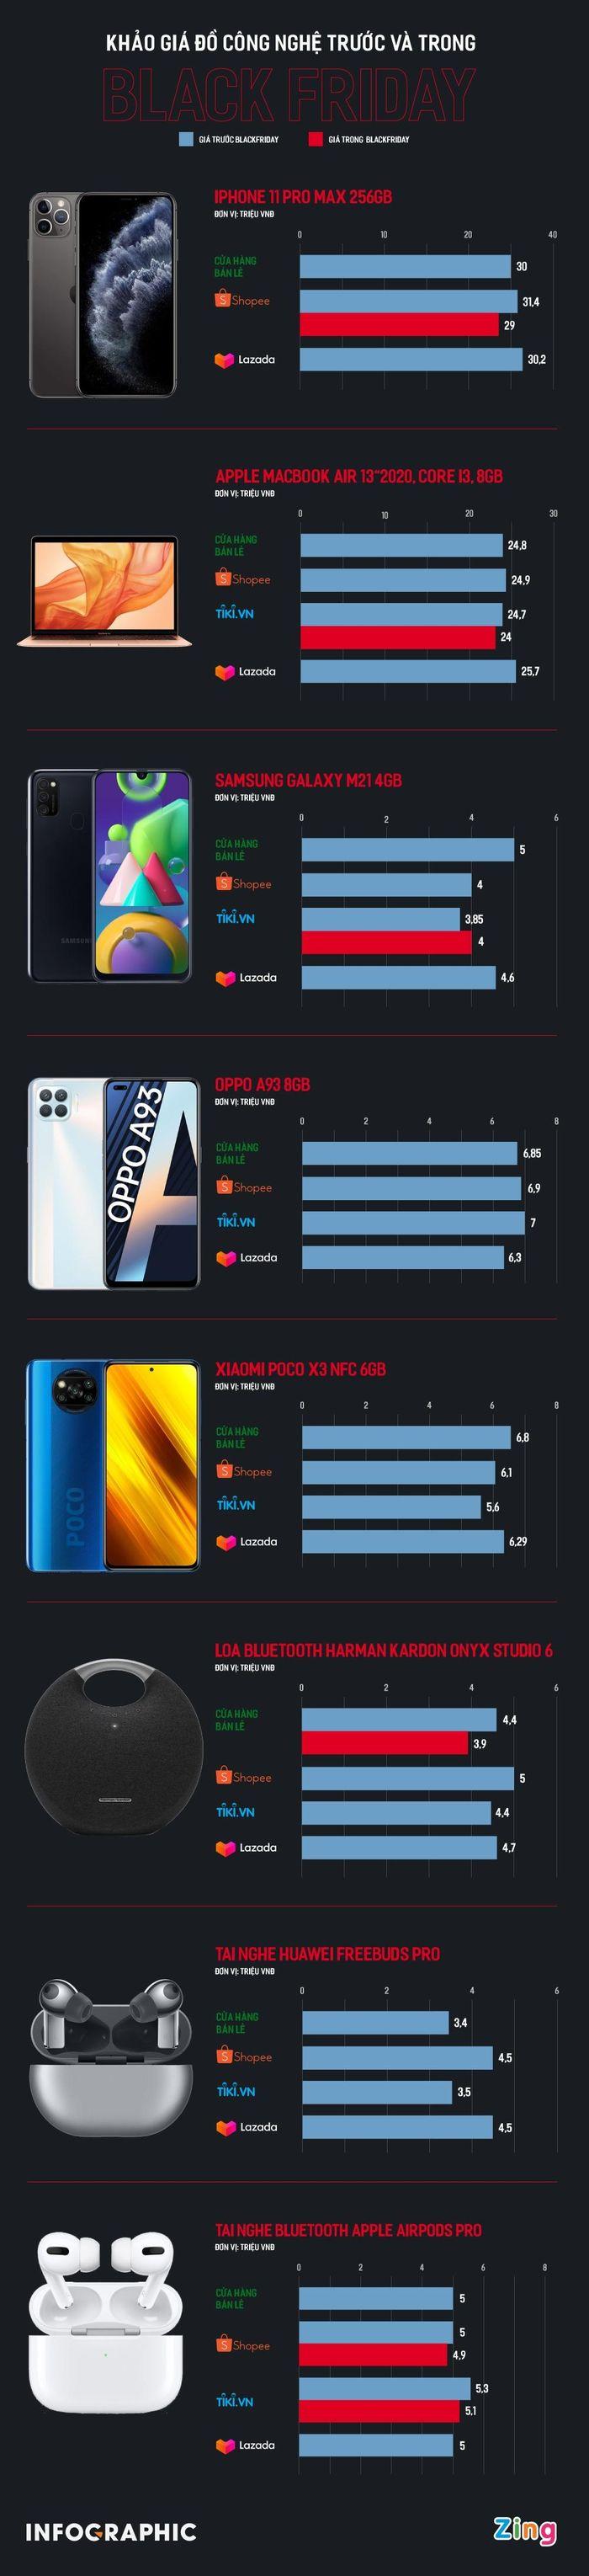 So sánh giá iPhone, MacBook dịp Black Friday trên các sàn online